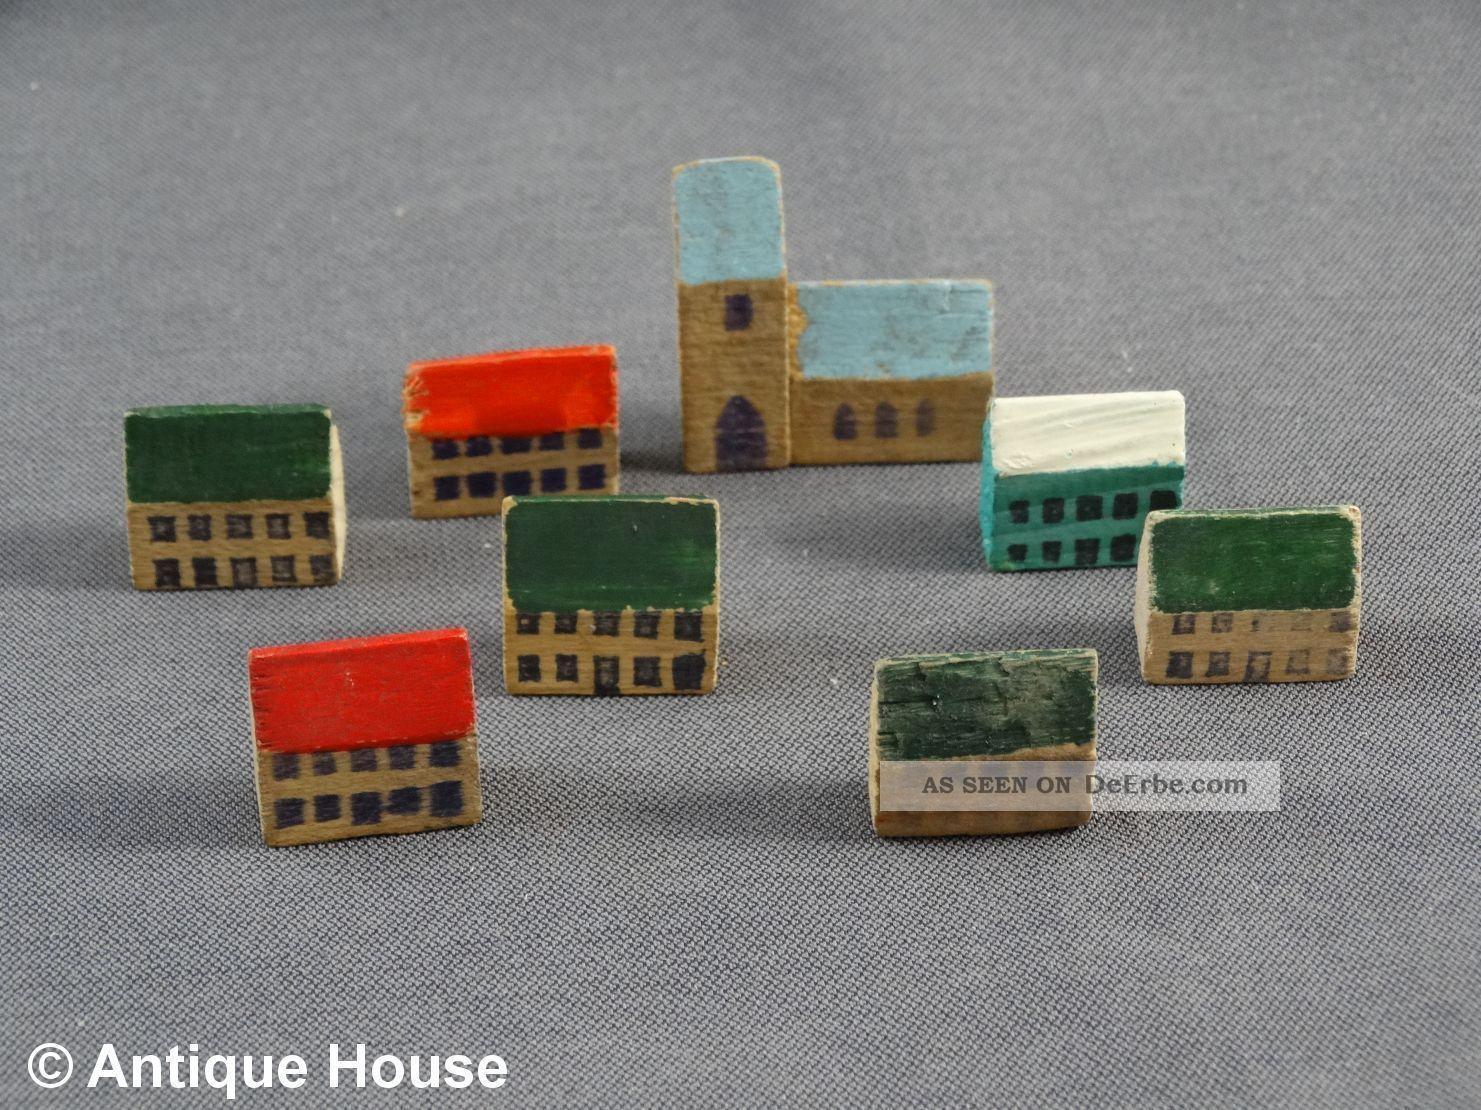 Erzgebirge Volkskunst Holz Miniaturen Dorf Häuser Kirche Objekte nach 1945 Bild